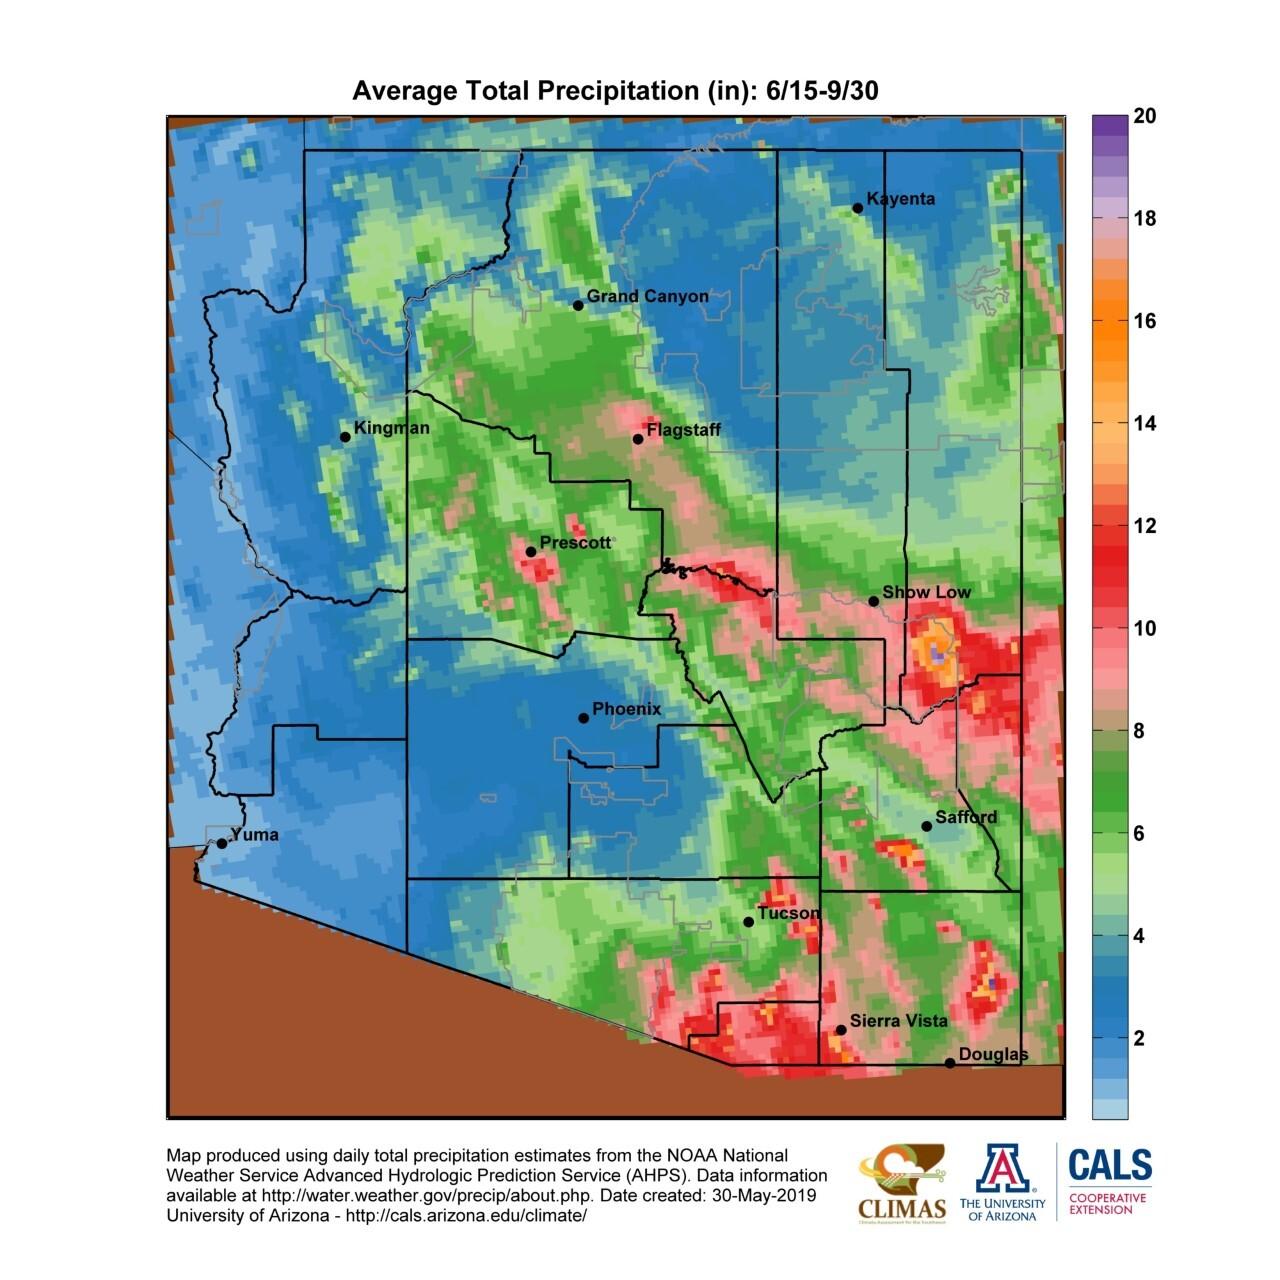 Average Total Precipitation